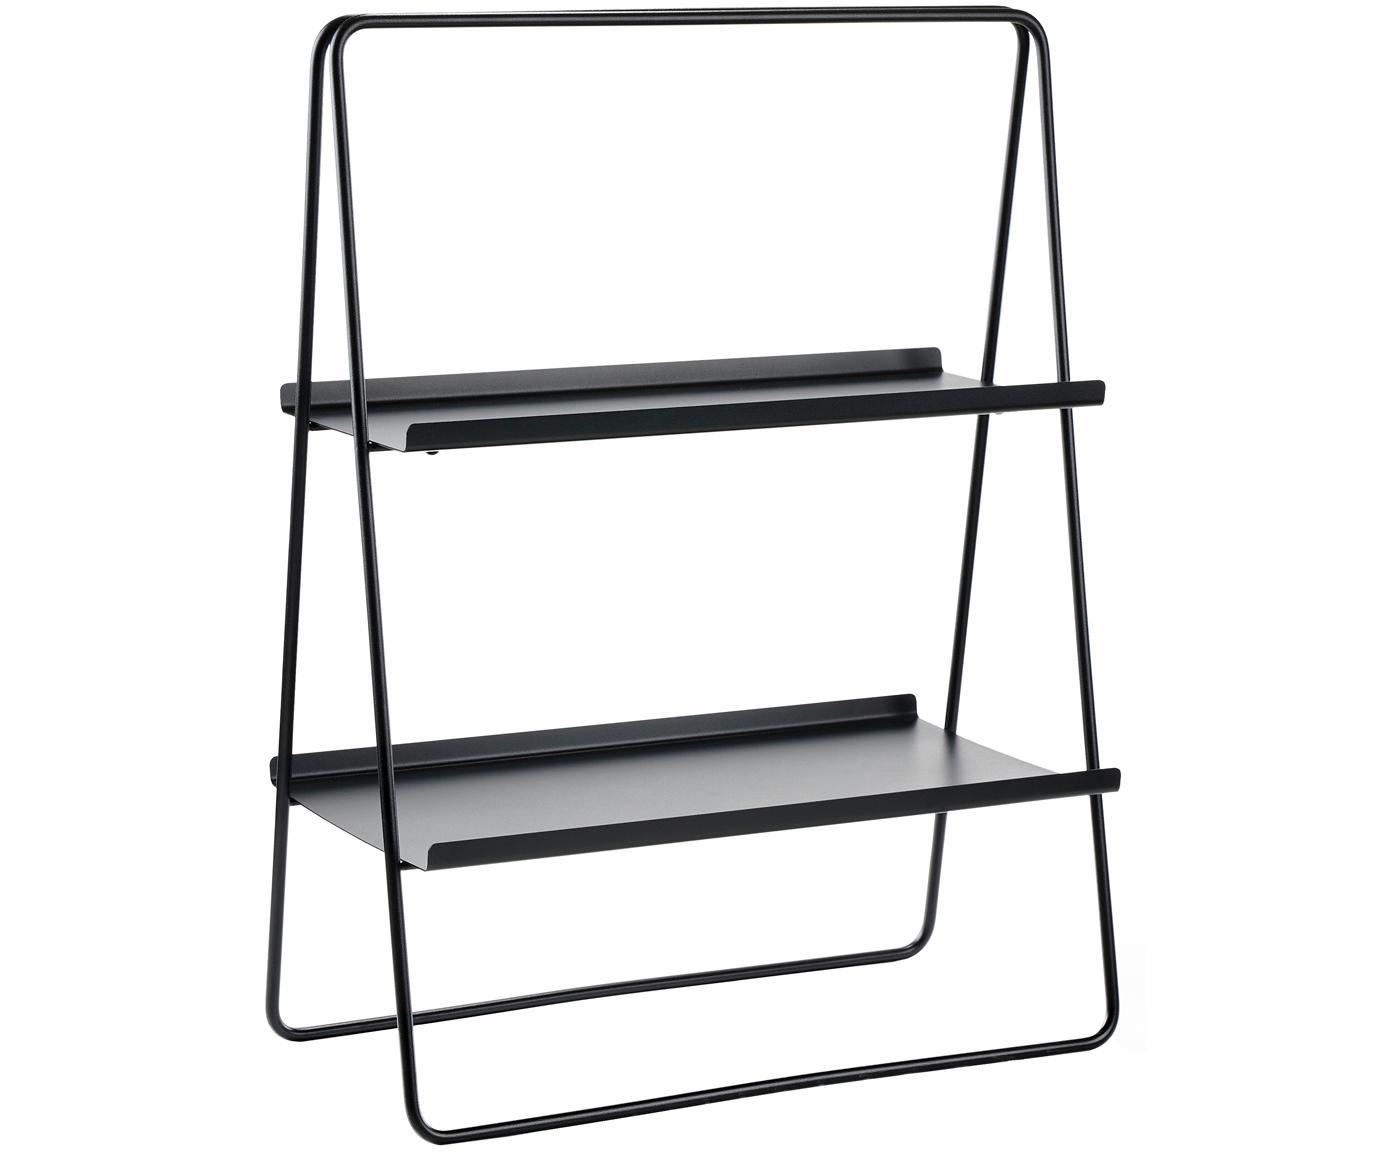 Leiter-Regal Aguina, Stahl, lackiert, Schwarz, 53 x 75 cm